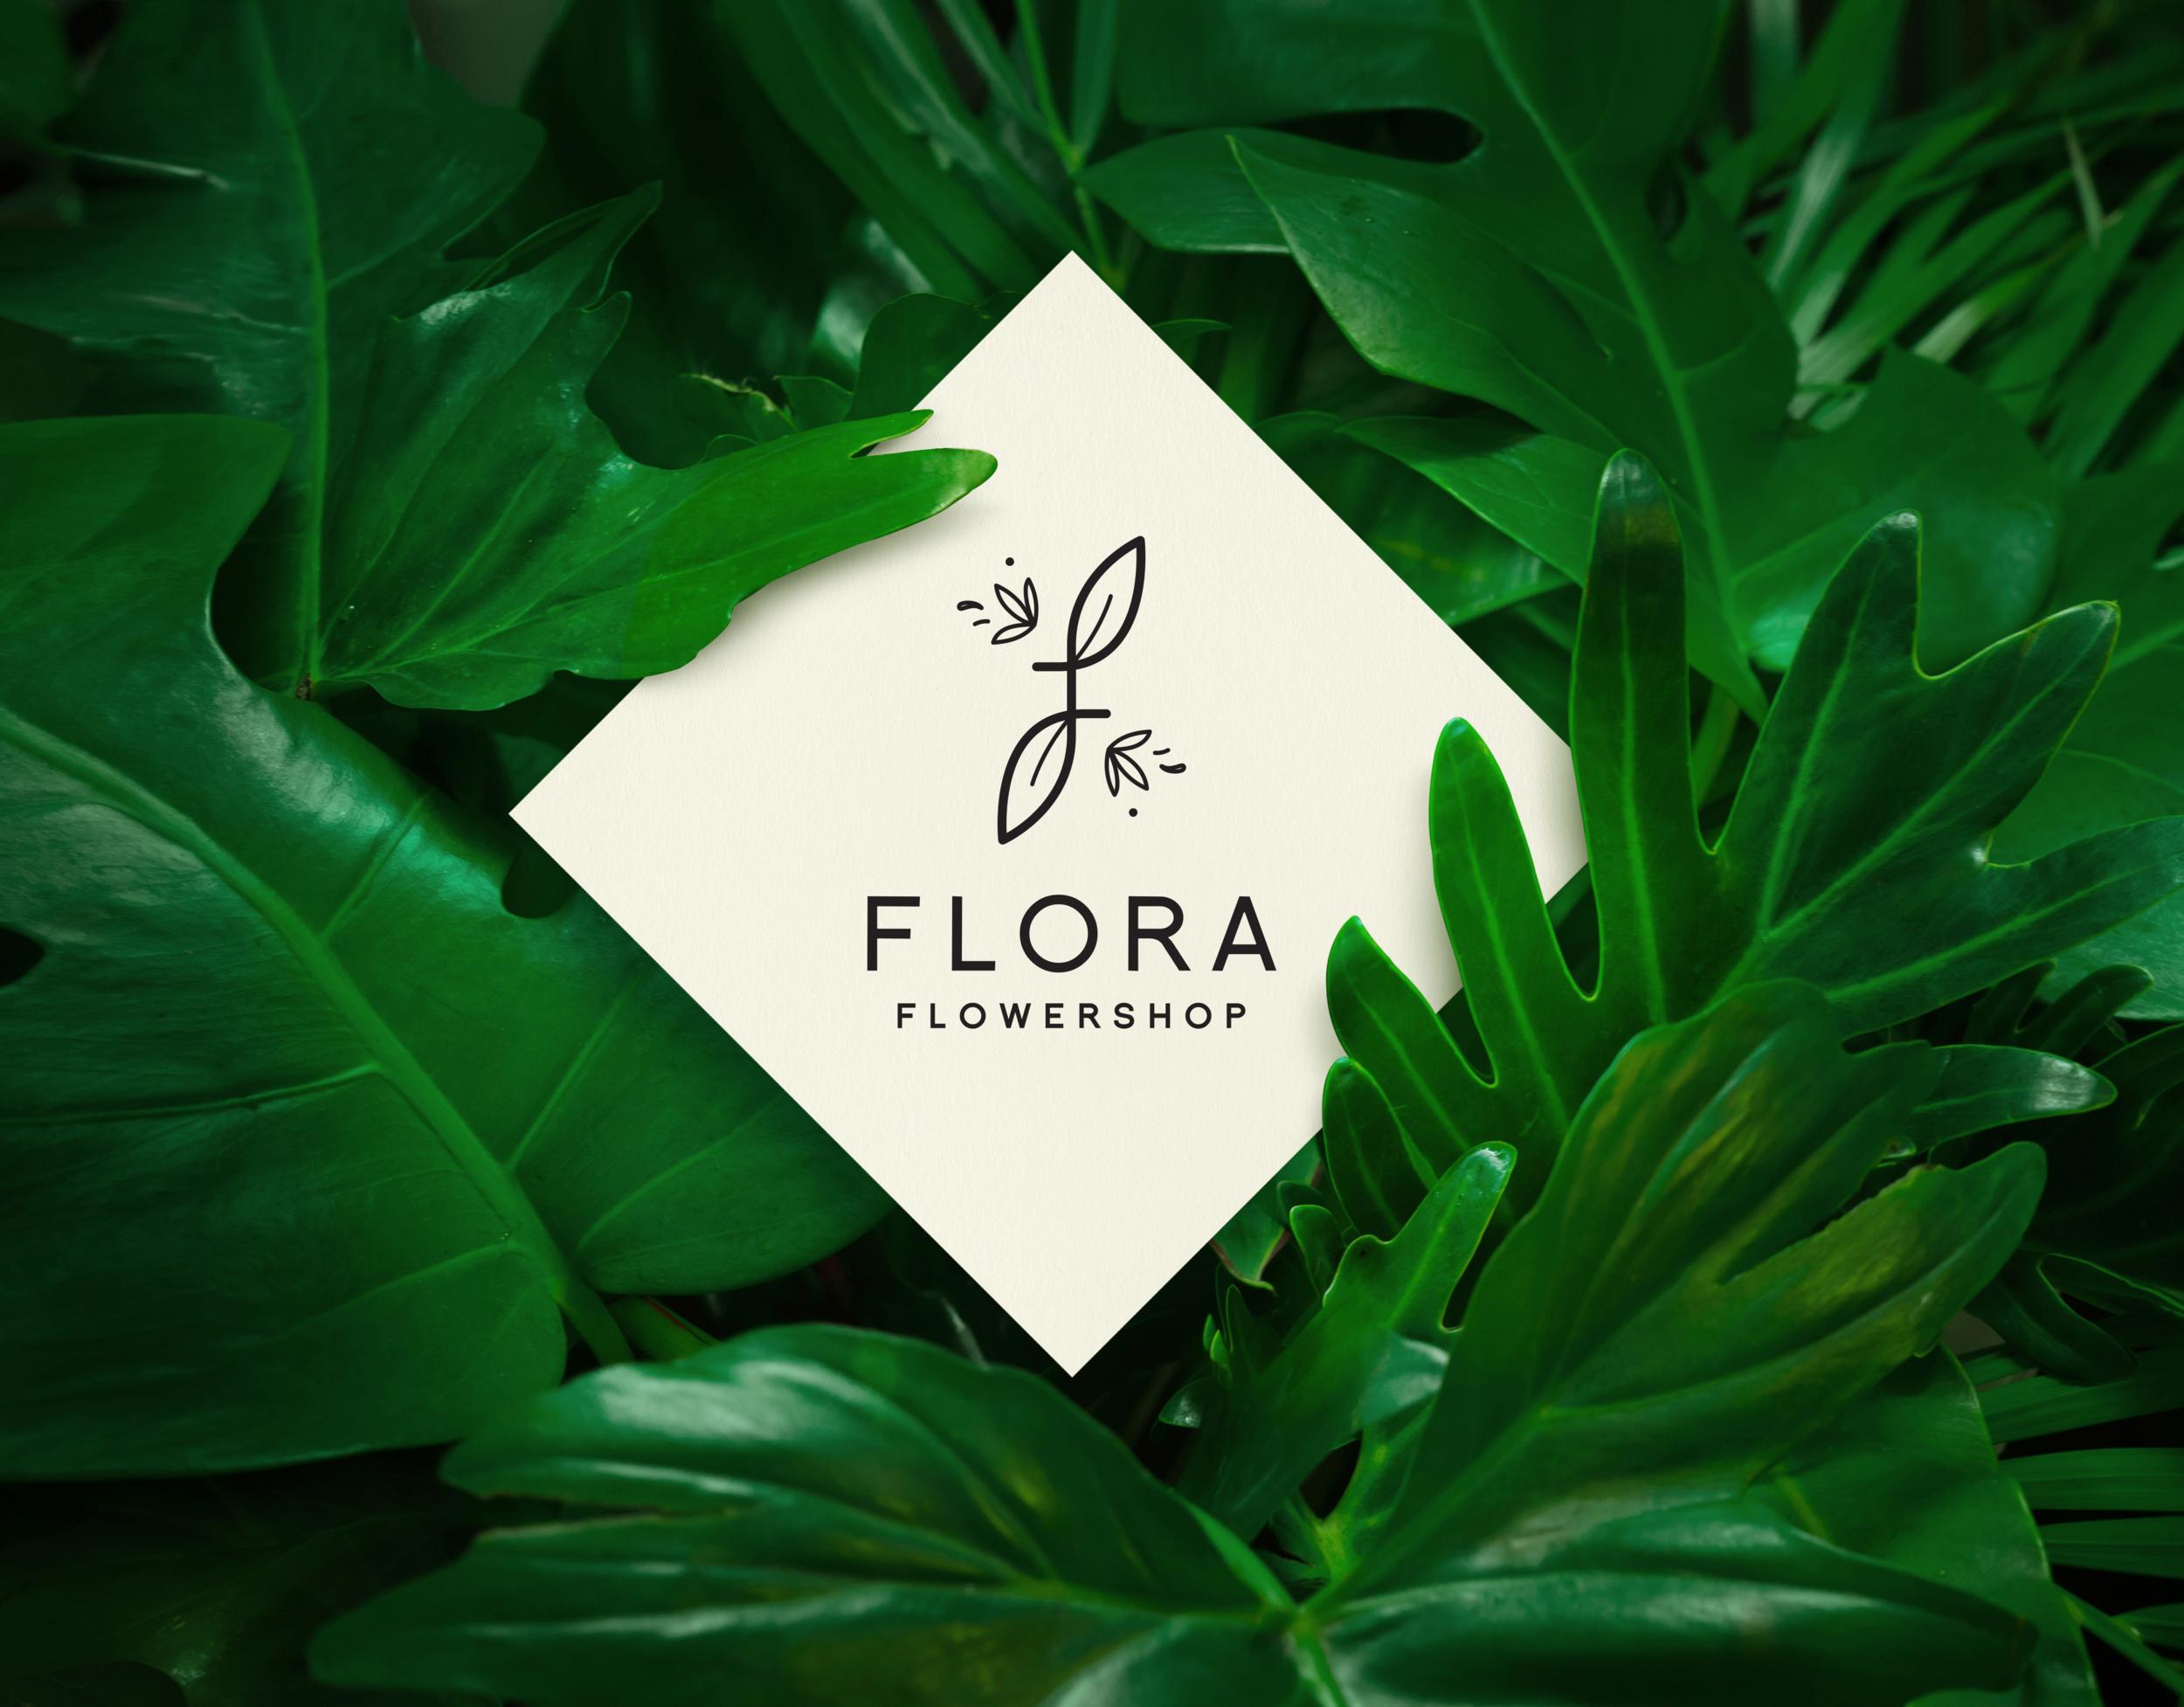 Flora_AdobeStock_165329087.png